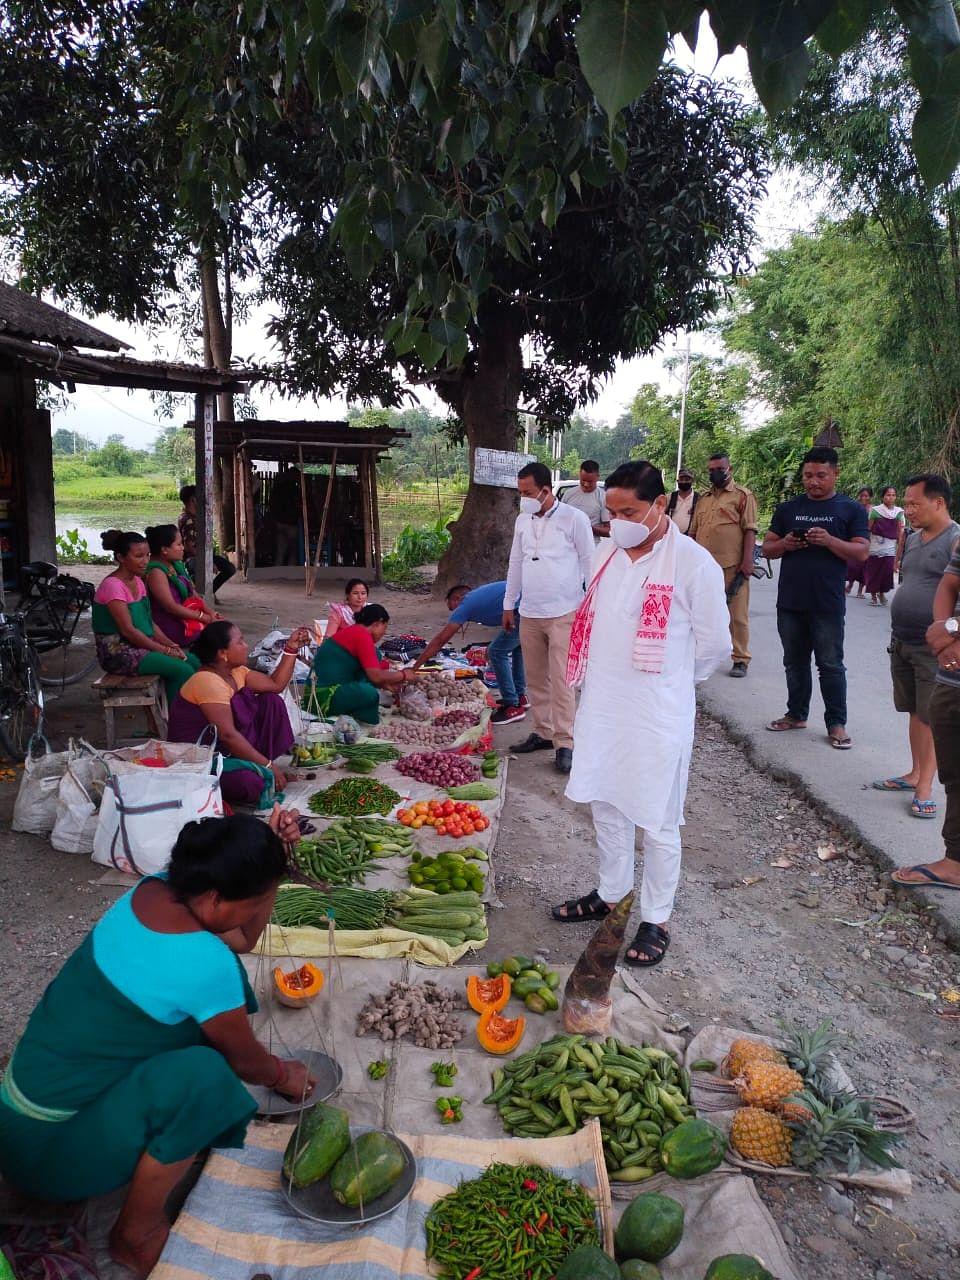 सांसद दिलीप सैकिया ने छोटे ग्रामीण व्यवसायियों से की मुलाकात